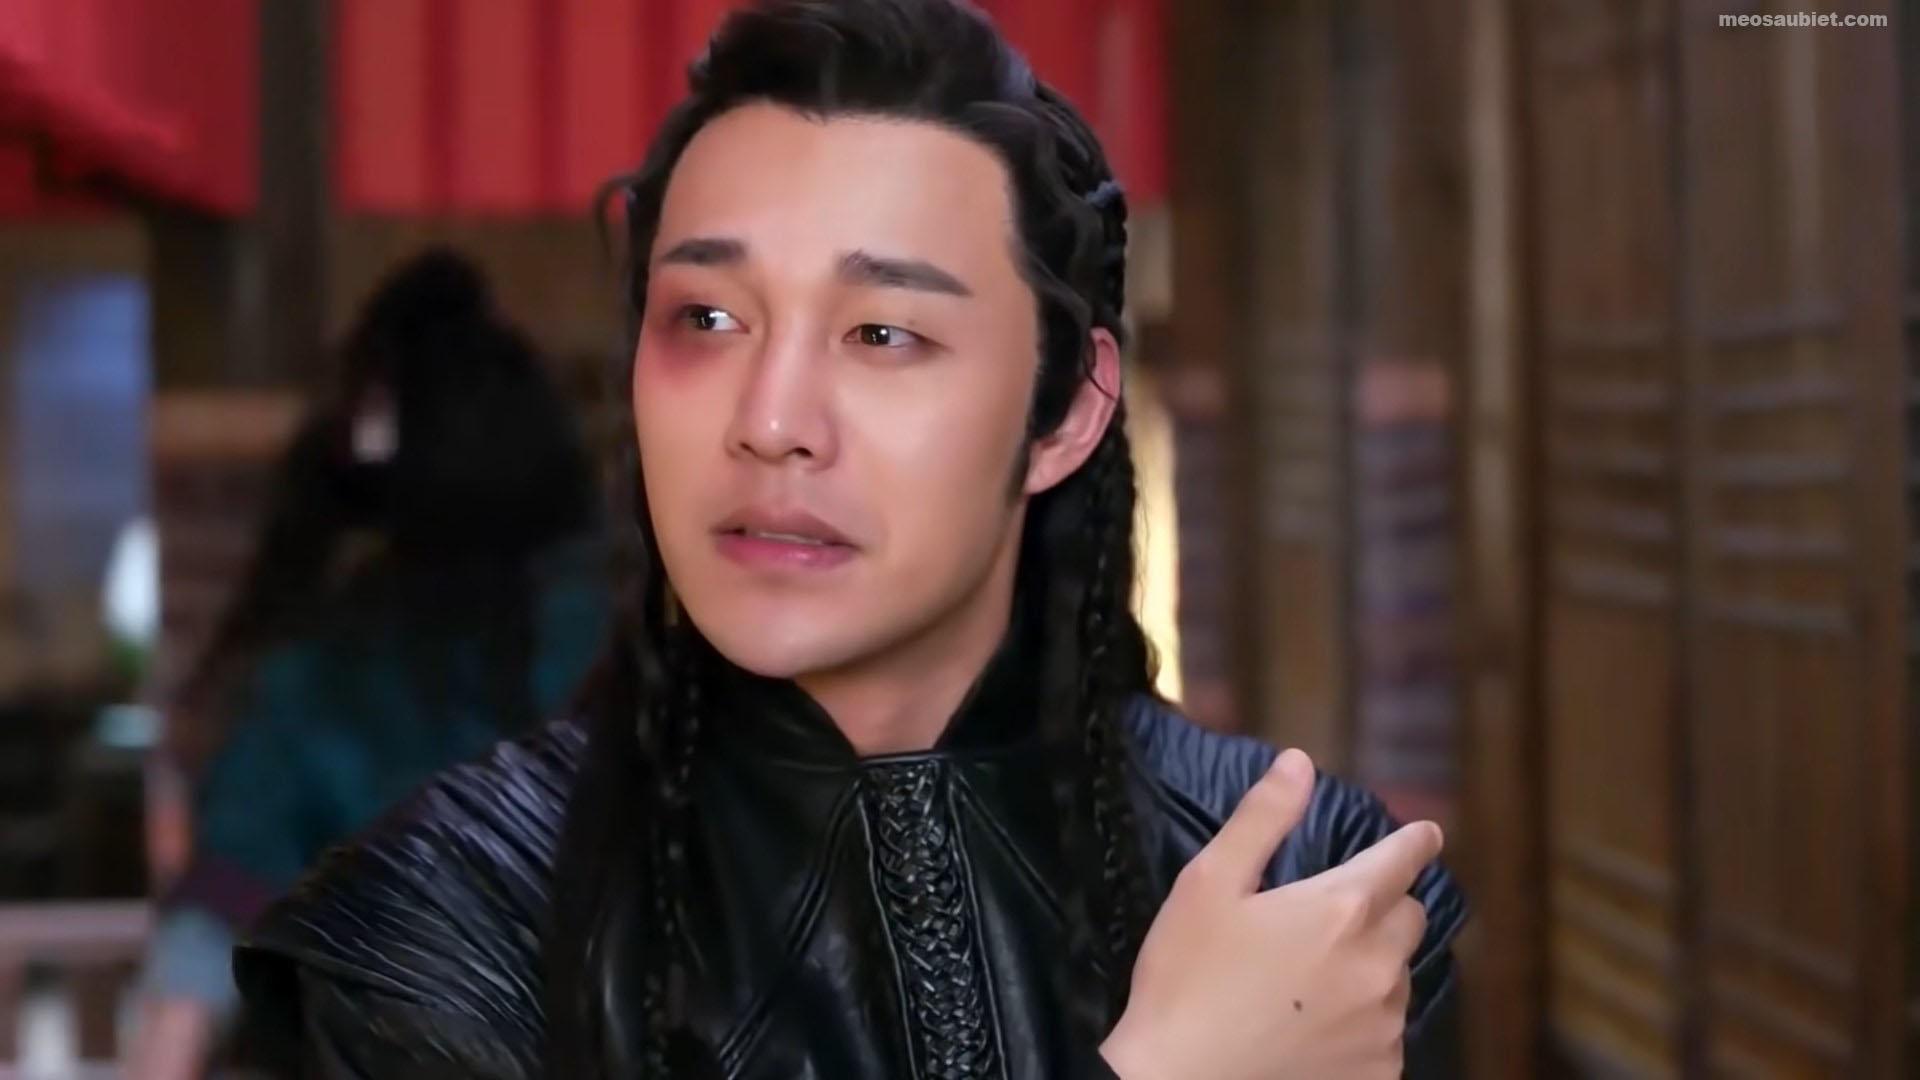 Nhất dạ tân nương 2019 Viên Hạo trong vai Tần Thượng Thành